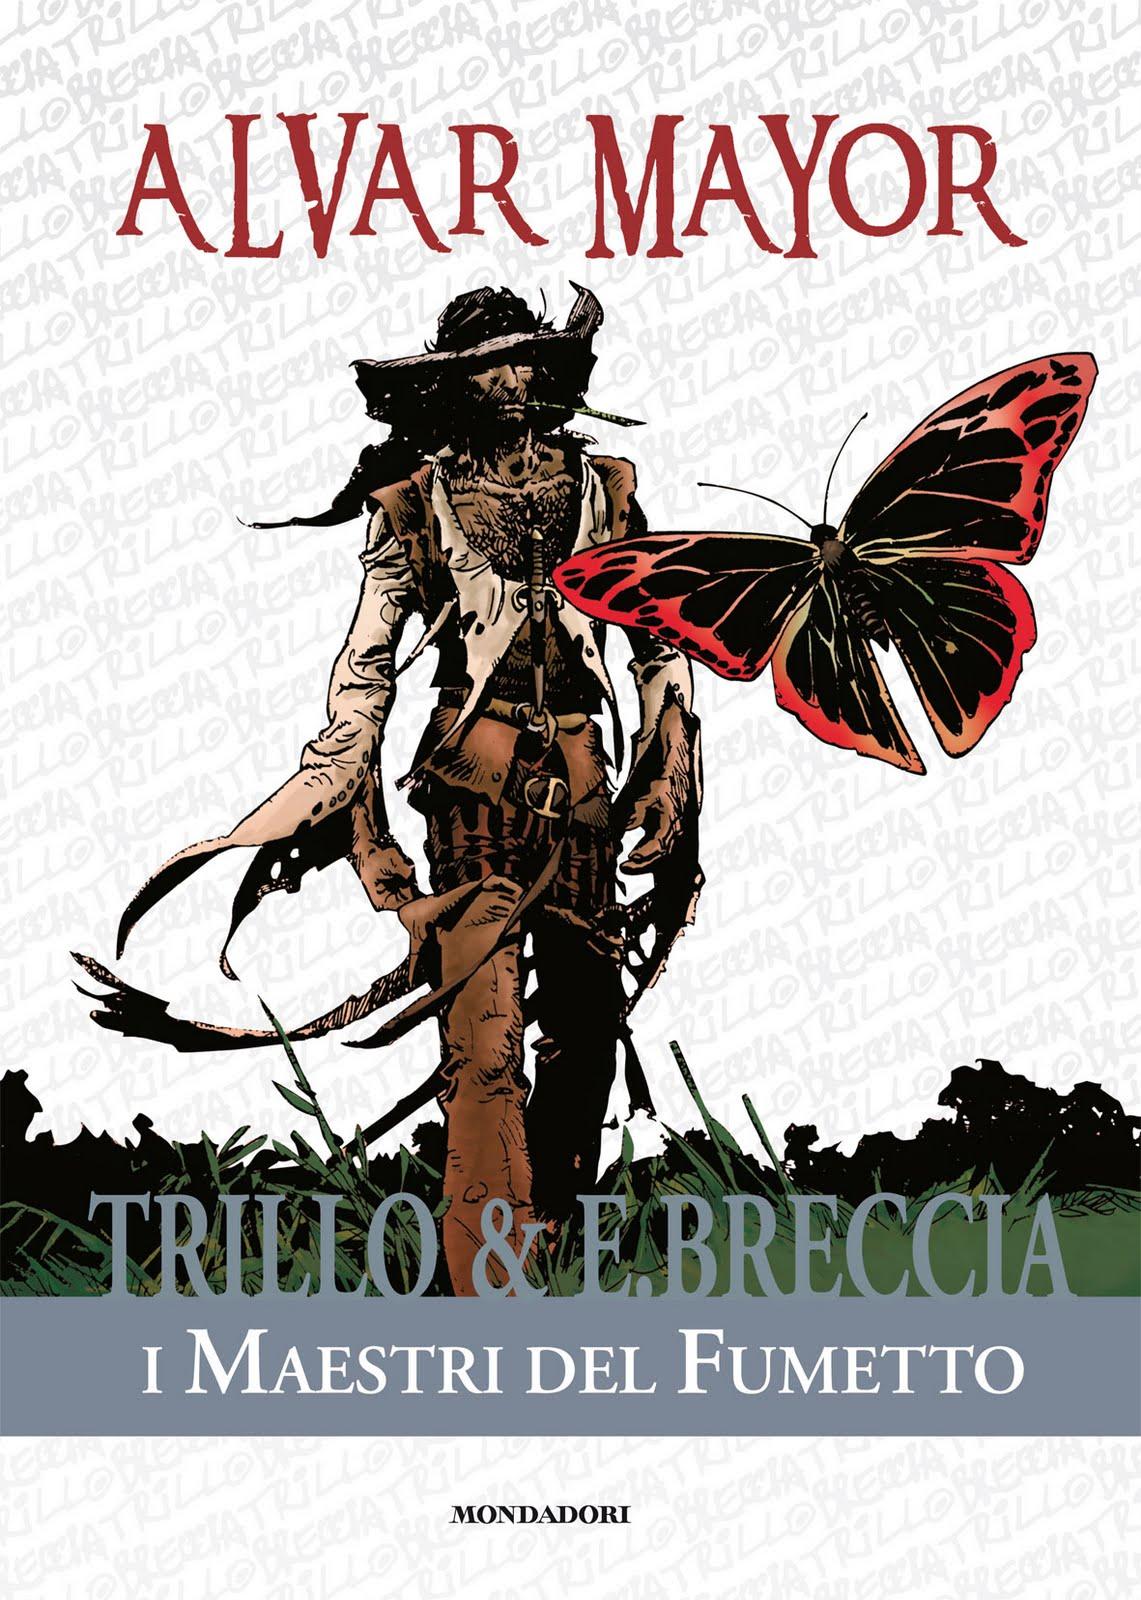 Día de la Historieta Argentina Cuestionario+breccia+4